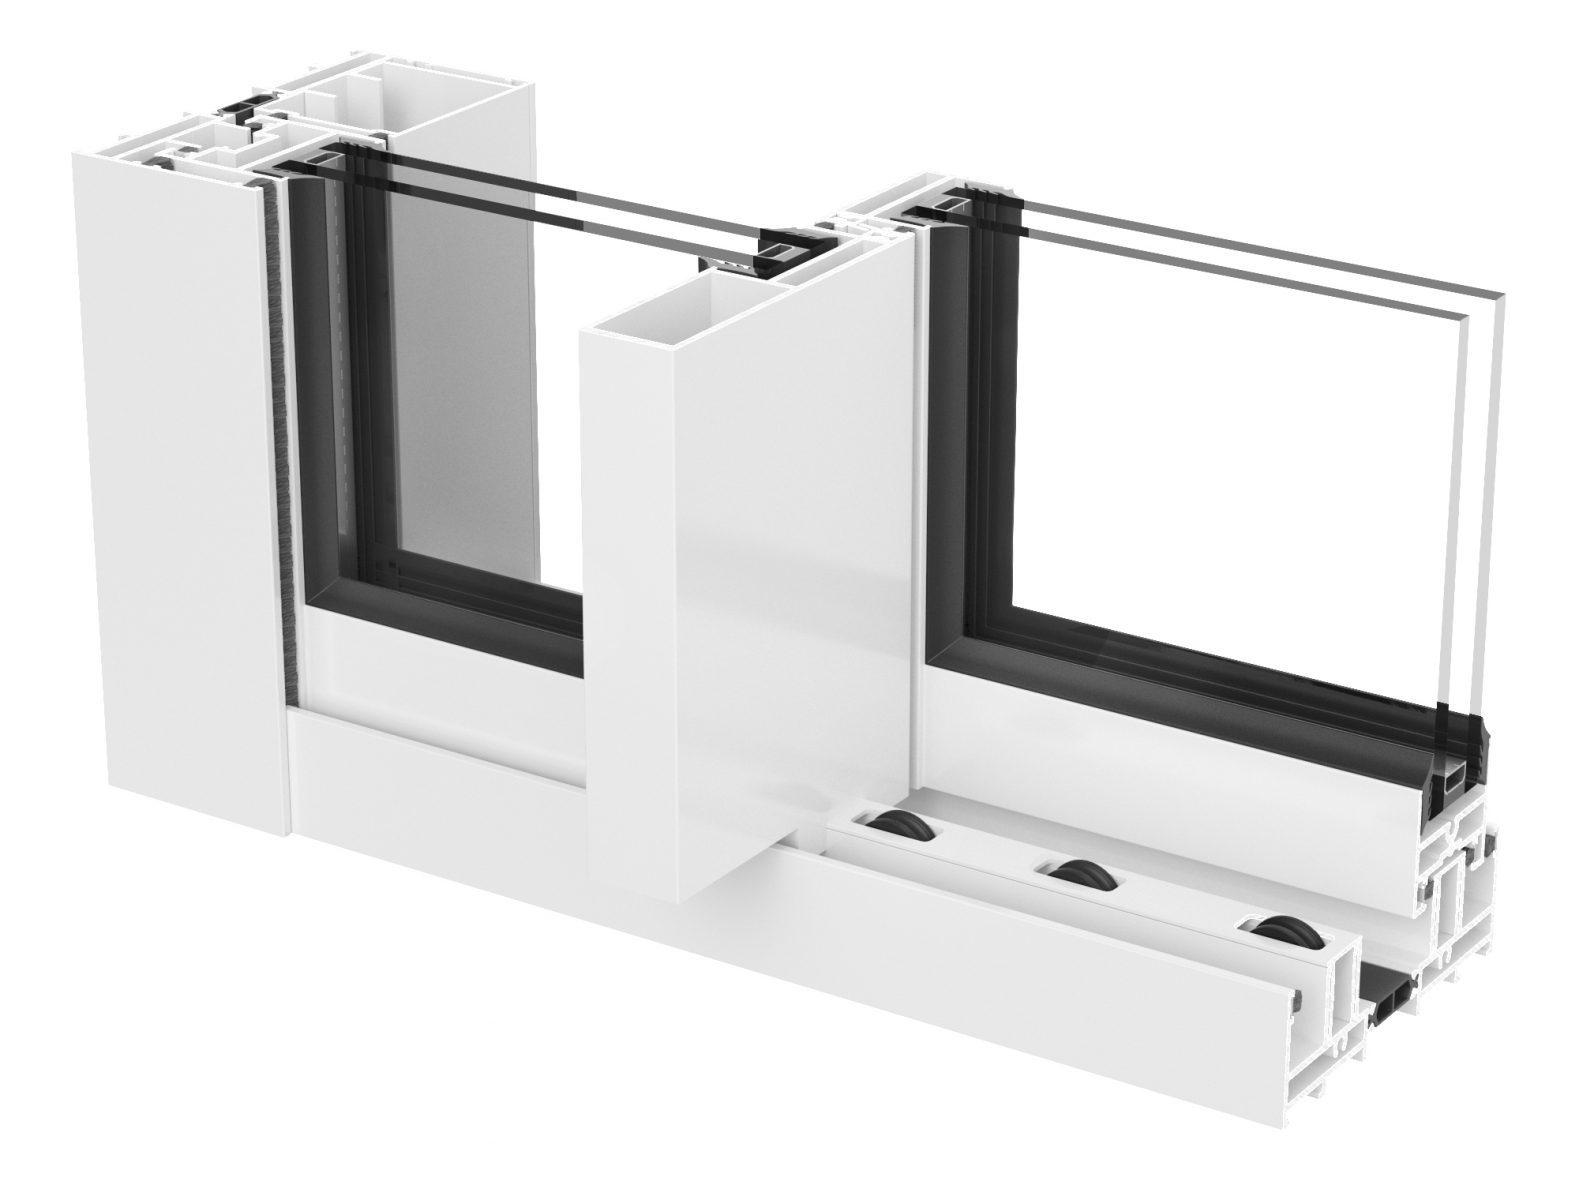 AE9083 Sistemas correderas con rotura de puente térmico